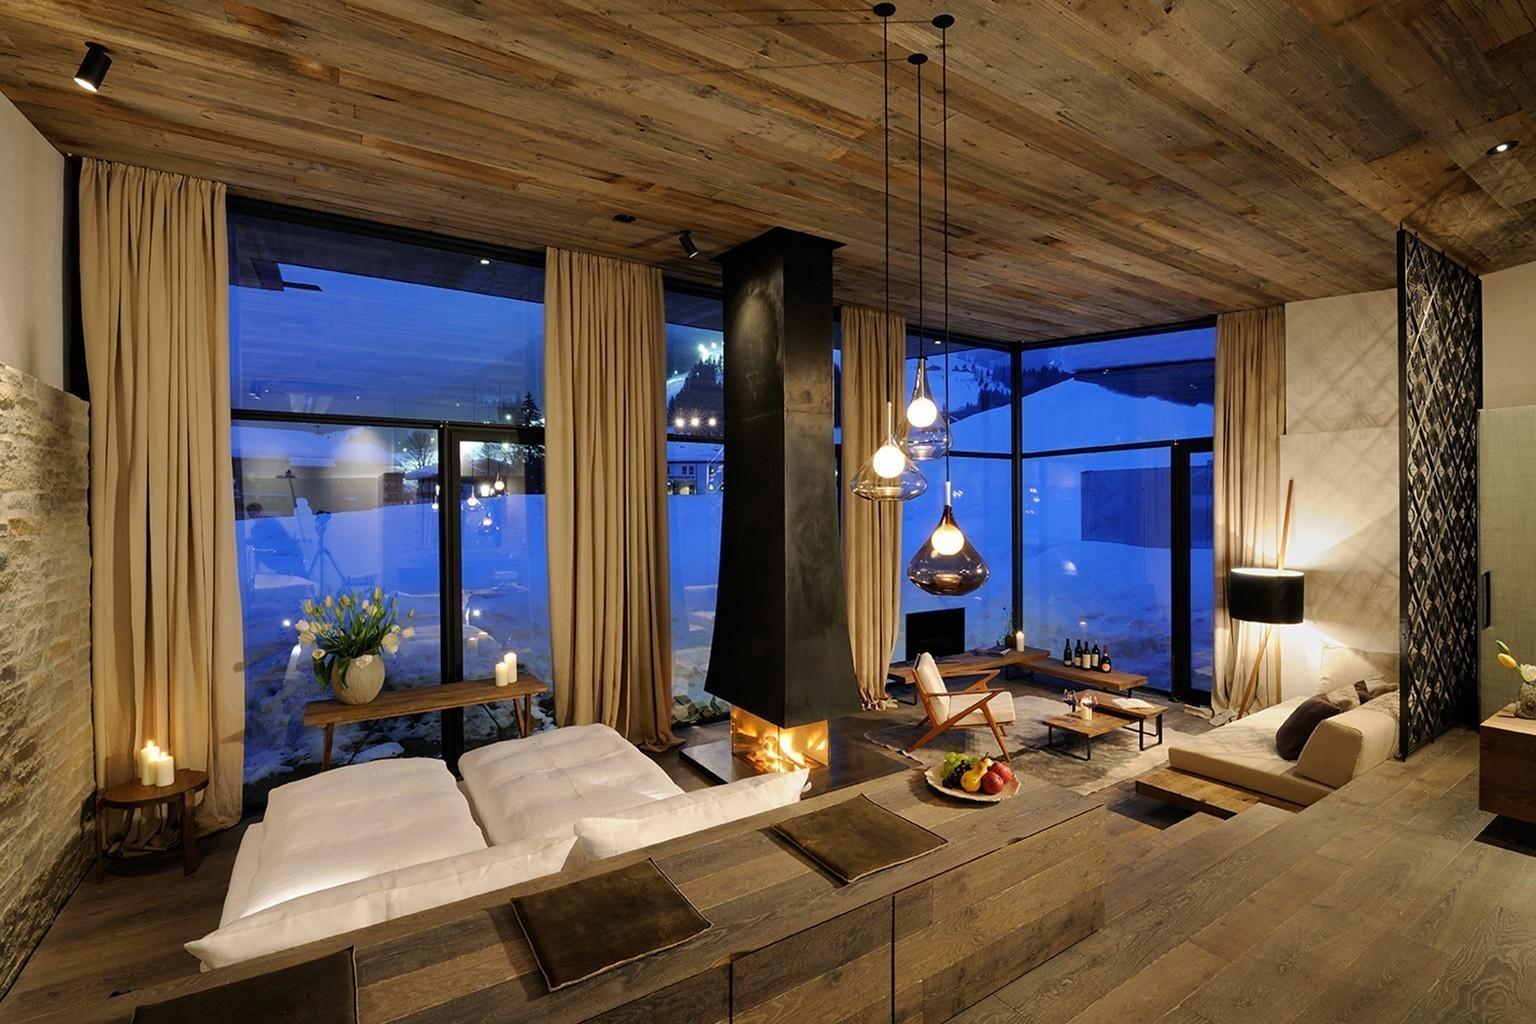 wiesergut in sterreich designreisen. Black Bedroom Furniture Sets. Home Design Ideas